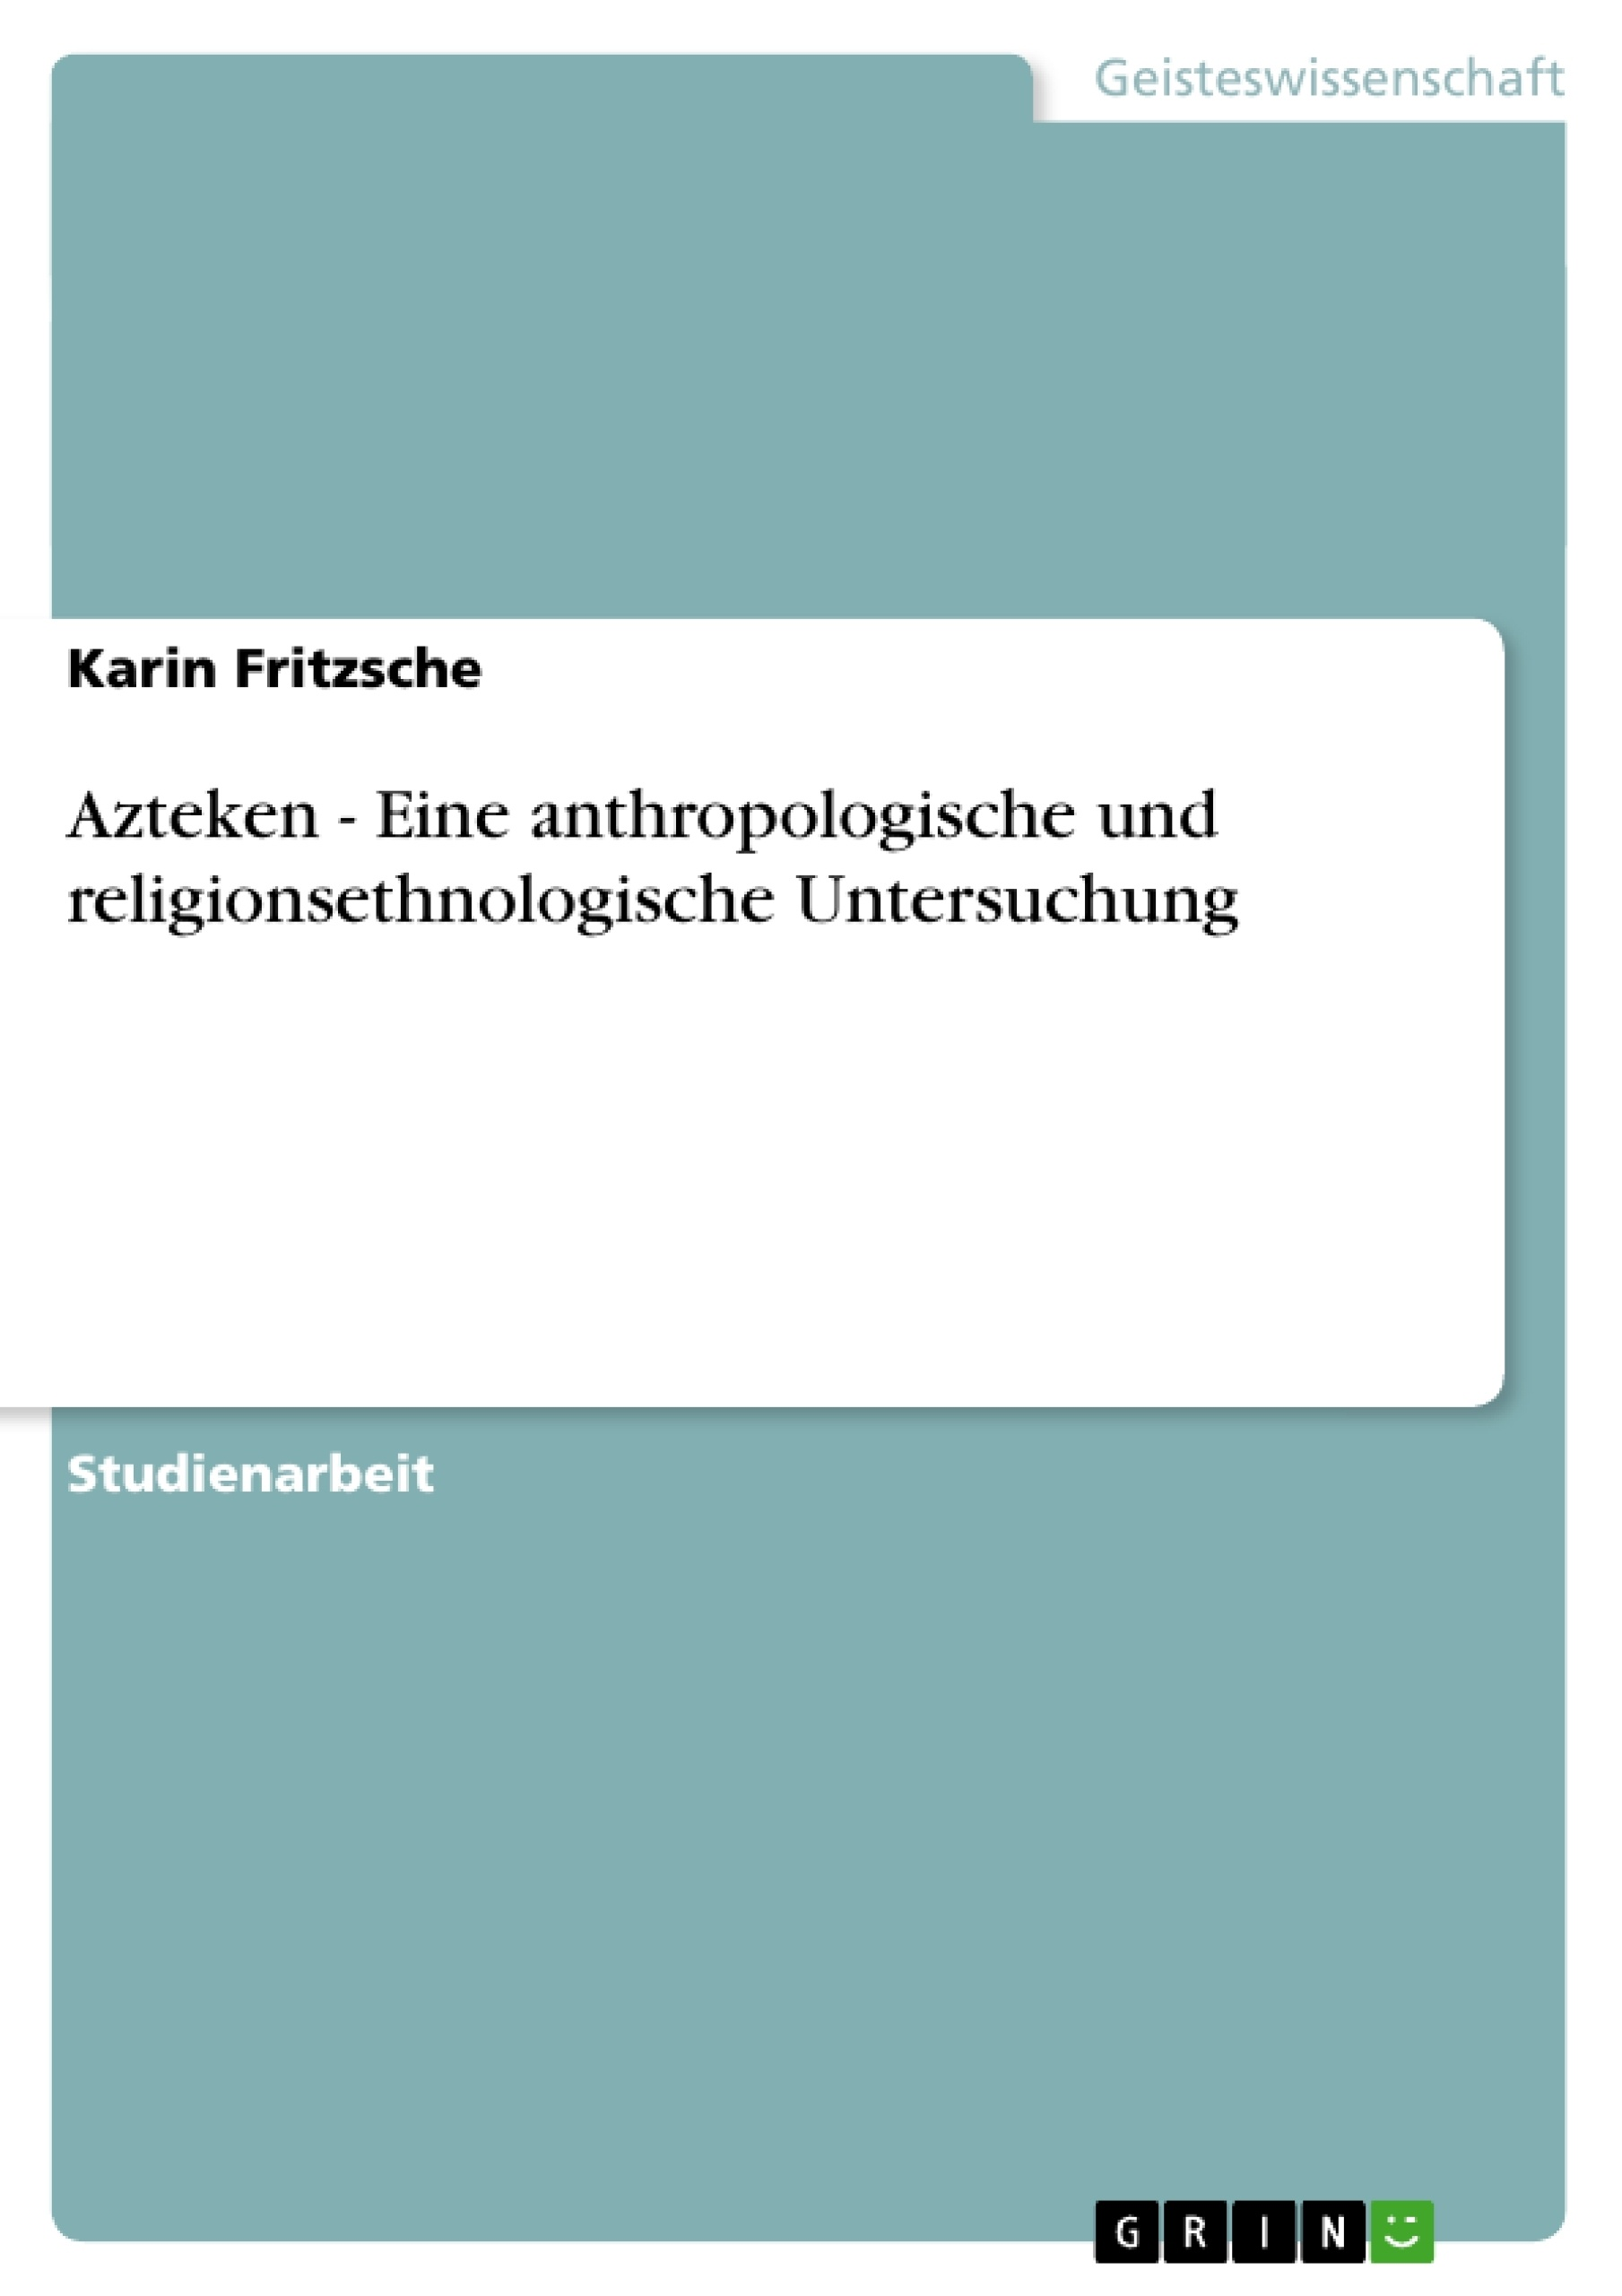 Titel: Azteken - Eine anthropologische und religionsethnologische Untersuchung